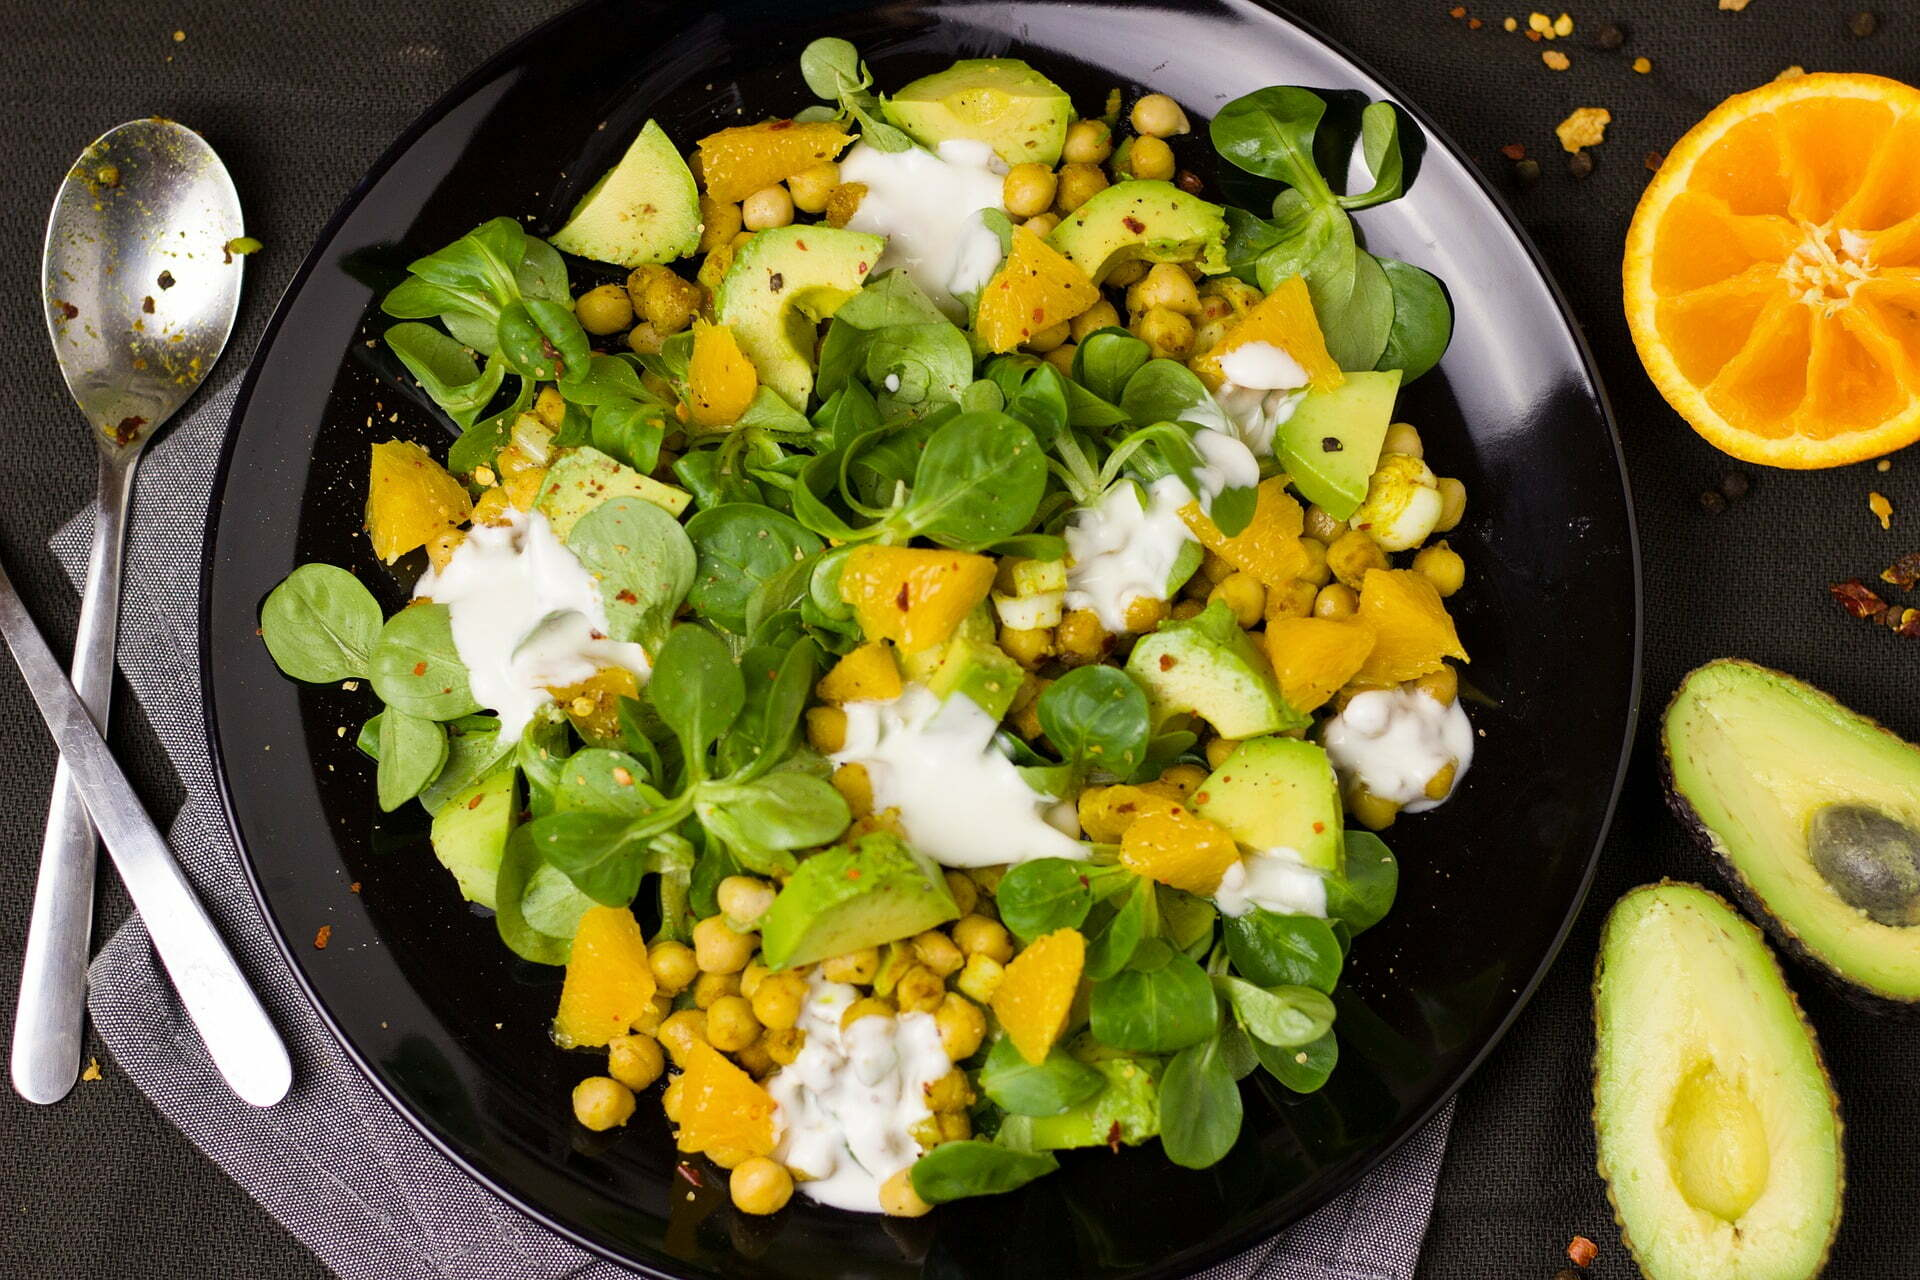 Feldsalat mit Kichererbsen, Walnüssen und Orangenstückchen